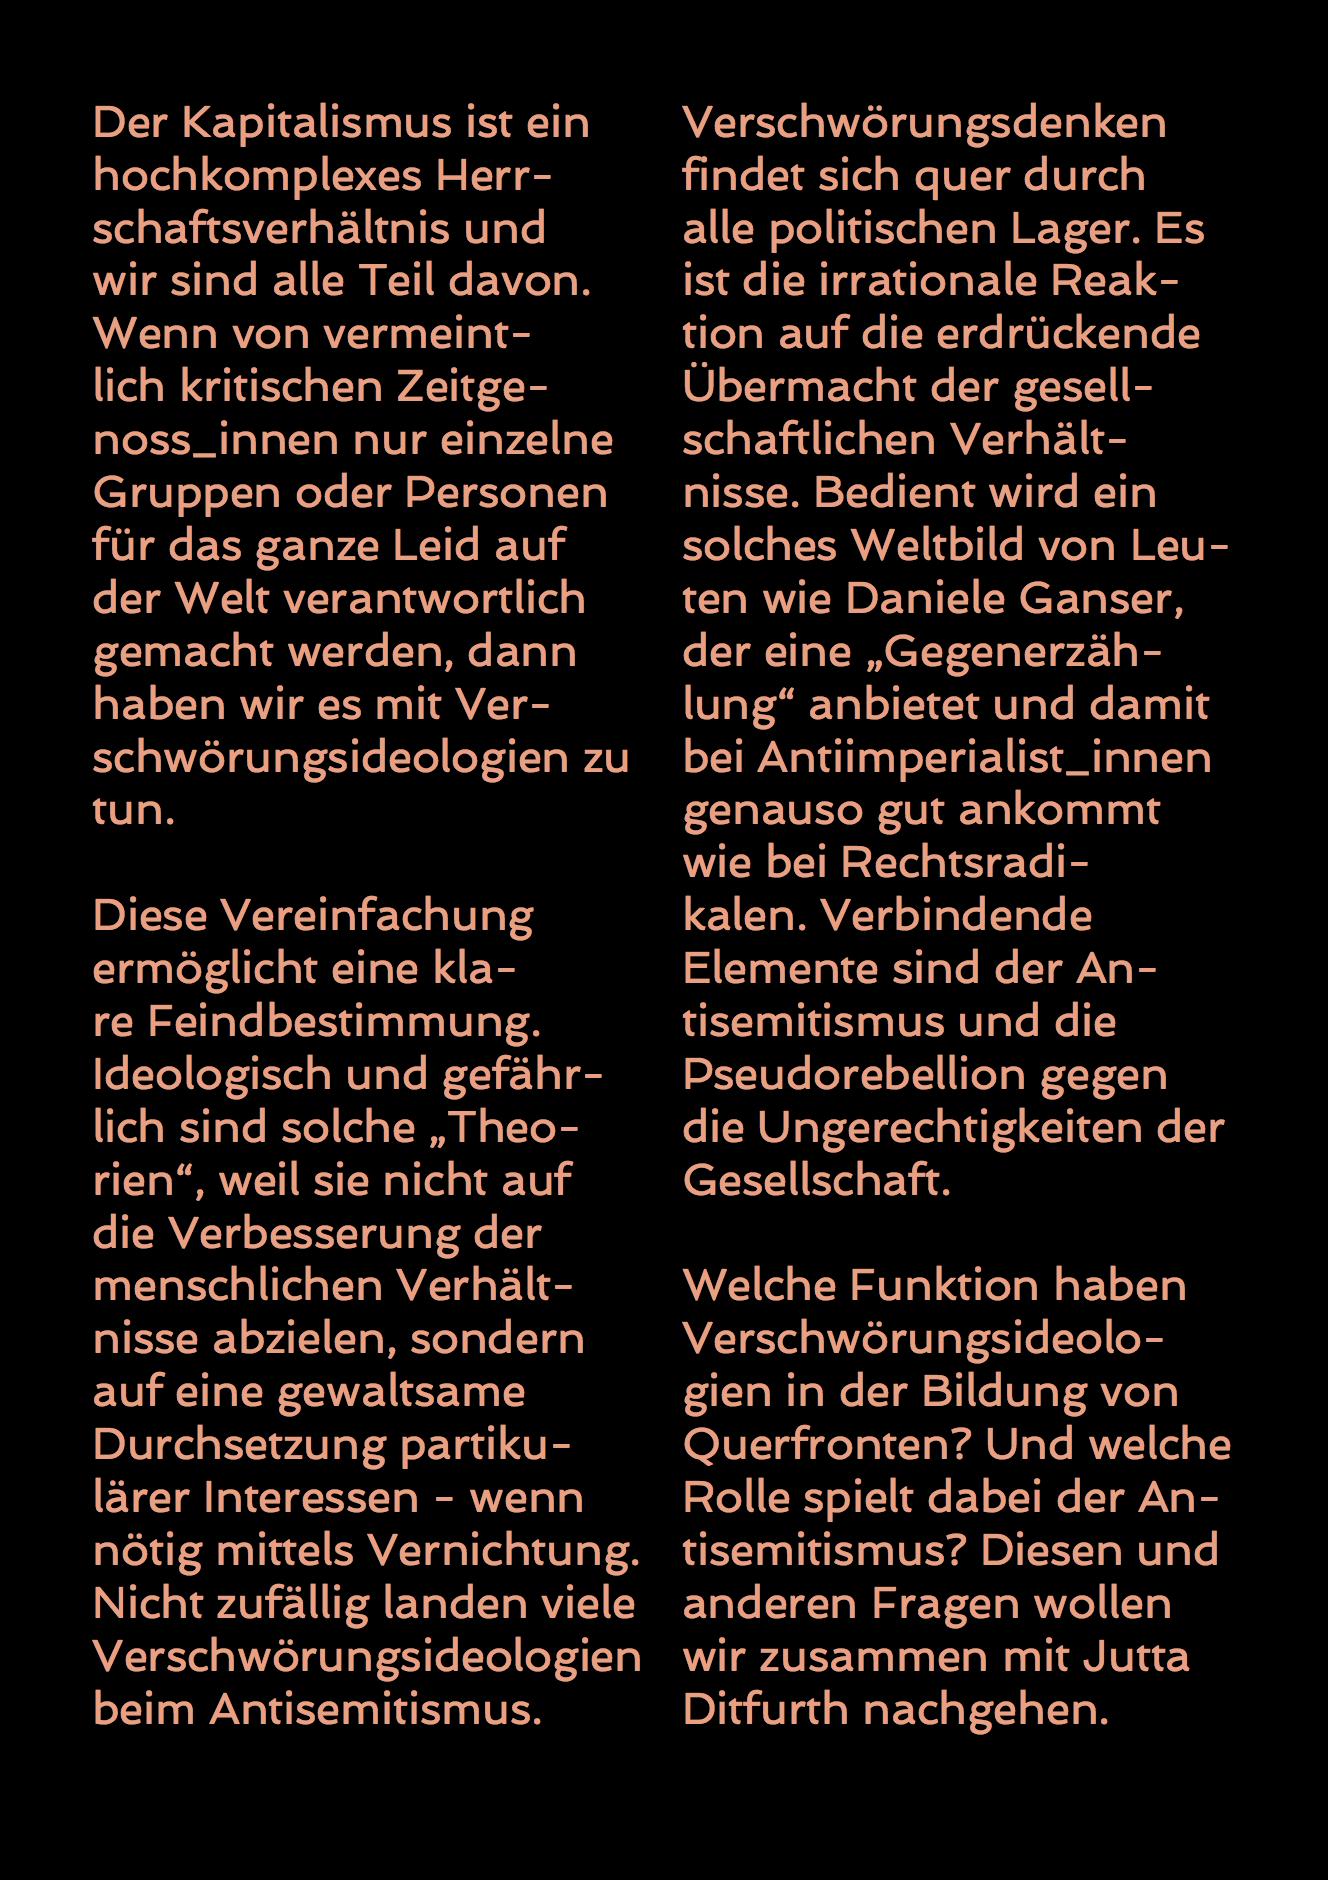 Flyer Jutta Ditfurth: »Verschwörungsideologien als Querfrontstrategie – Antisemitismus von rechts und links«, Rückseite